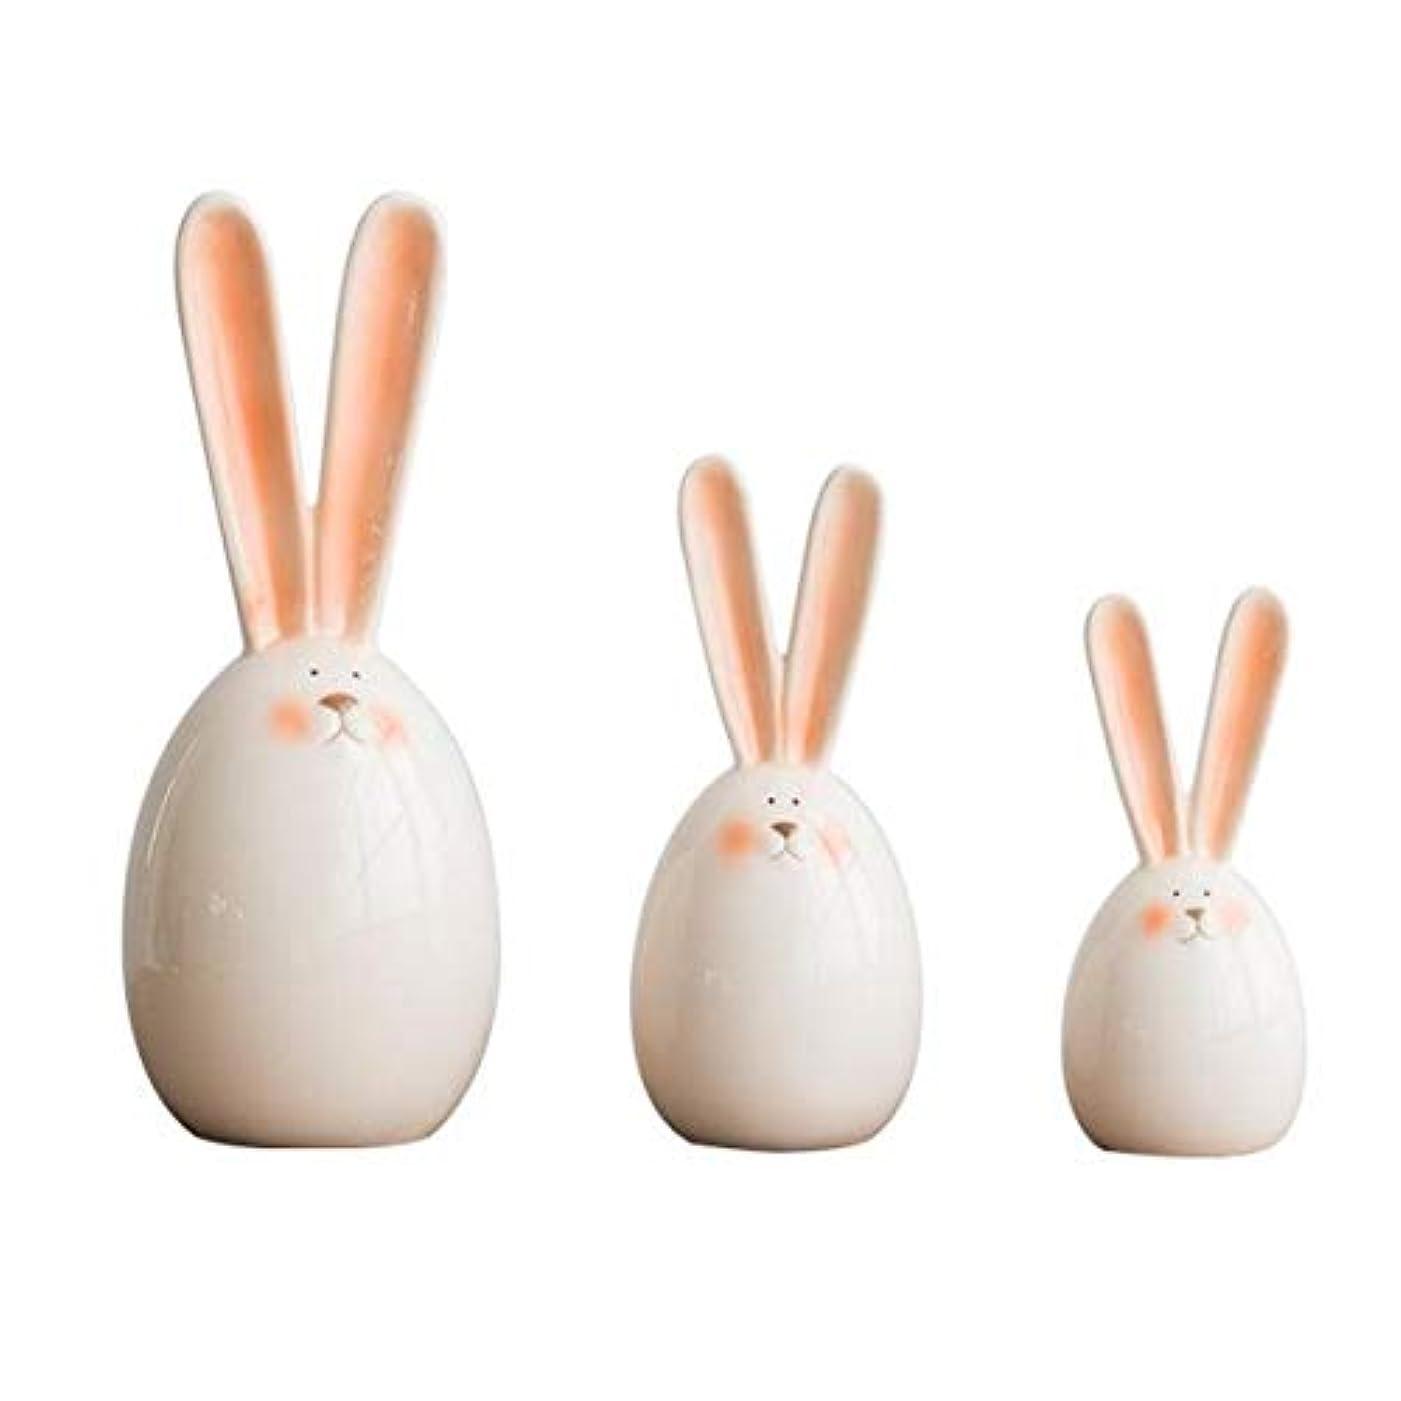 無秩序プレビスサイトまどろみのあるAishanghuayi リビングルームワインキャビネットテレビキャビネット漫画の装飾小さな装飾品誕生日プレゼントかわいいセラミックウサギの結婚祝いの表示,ファッションオーナメント (Style : Rabbit)